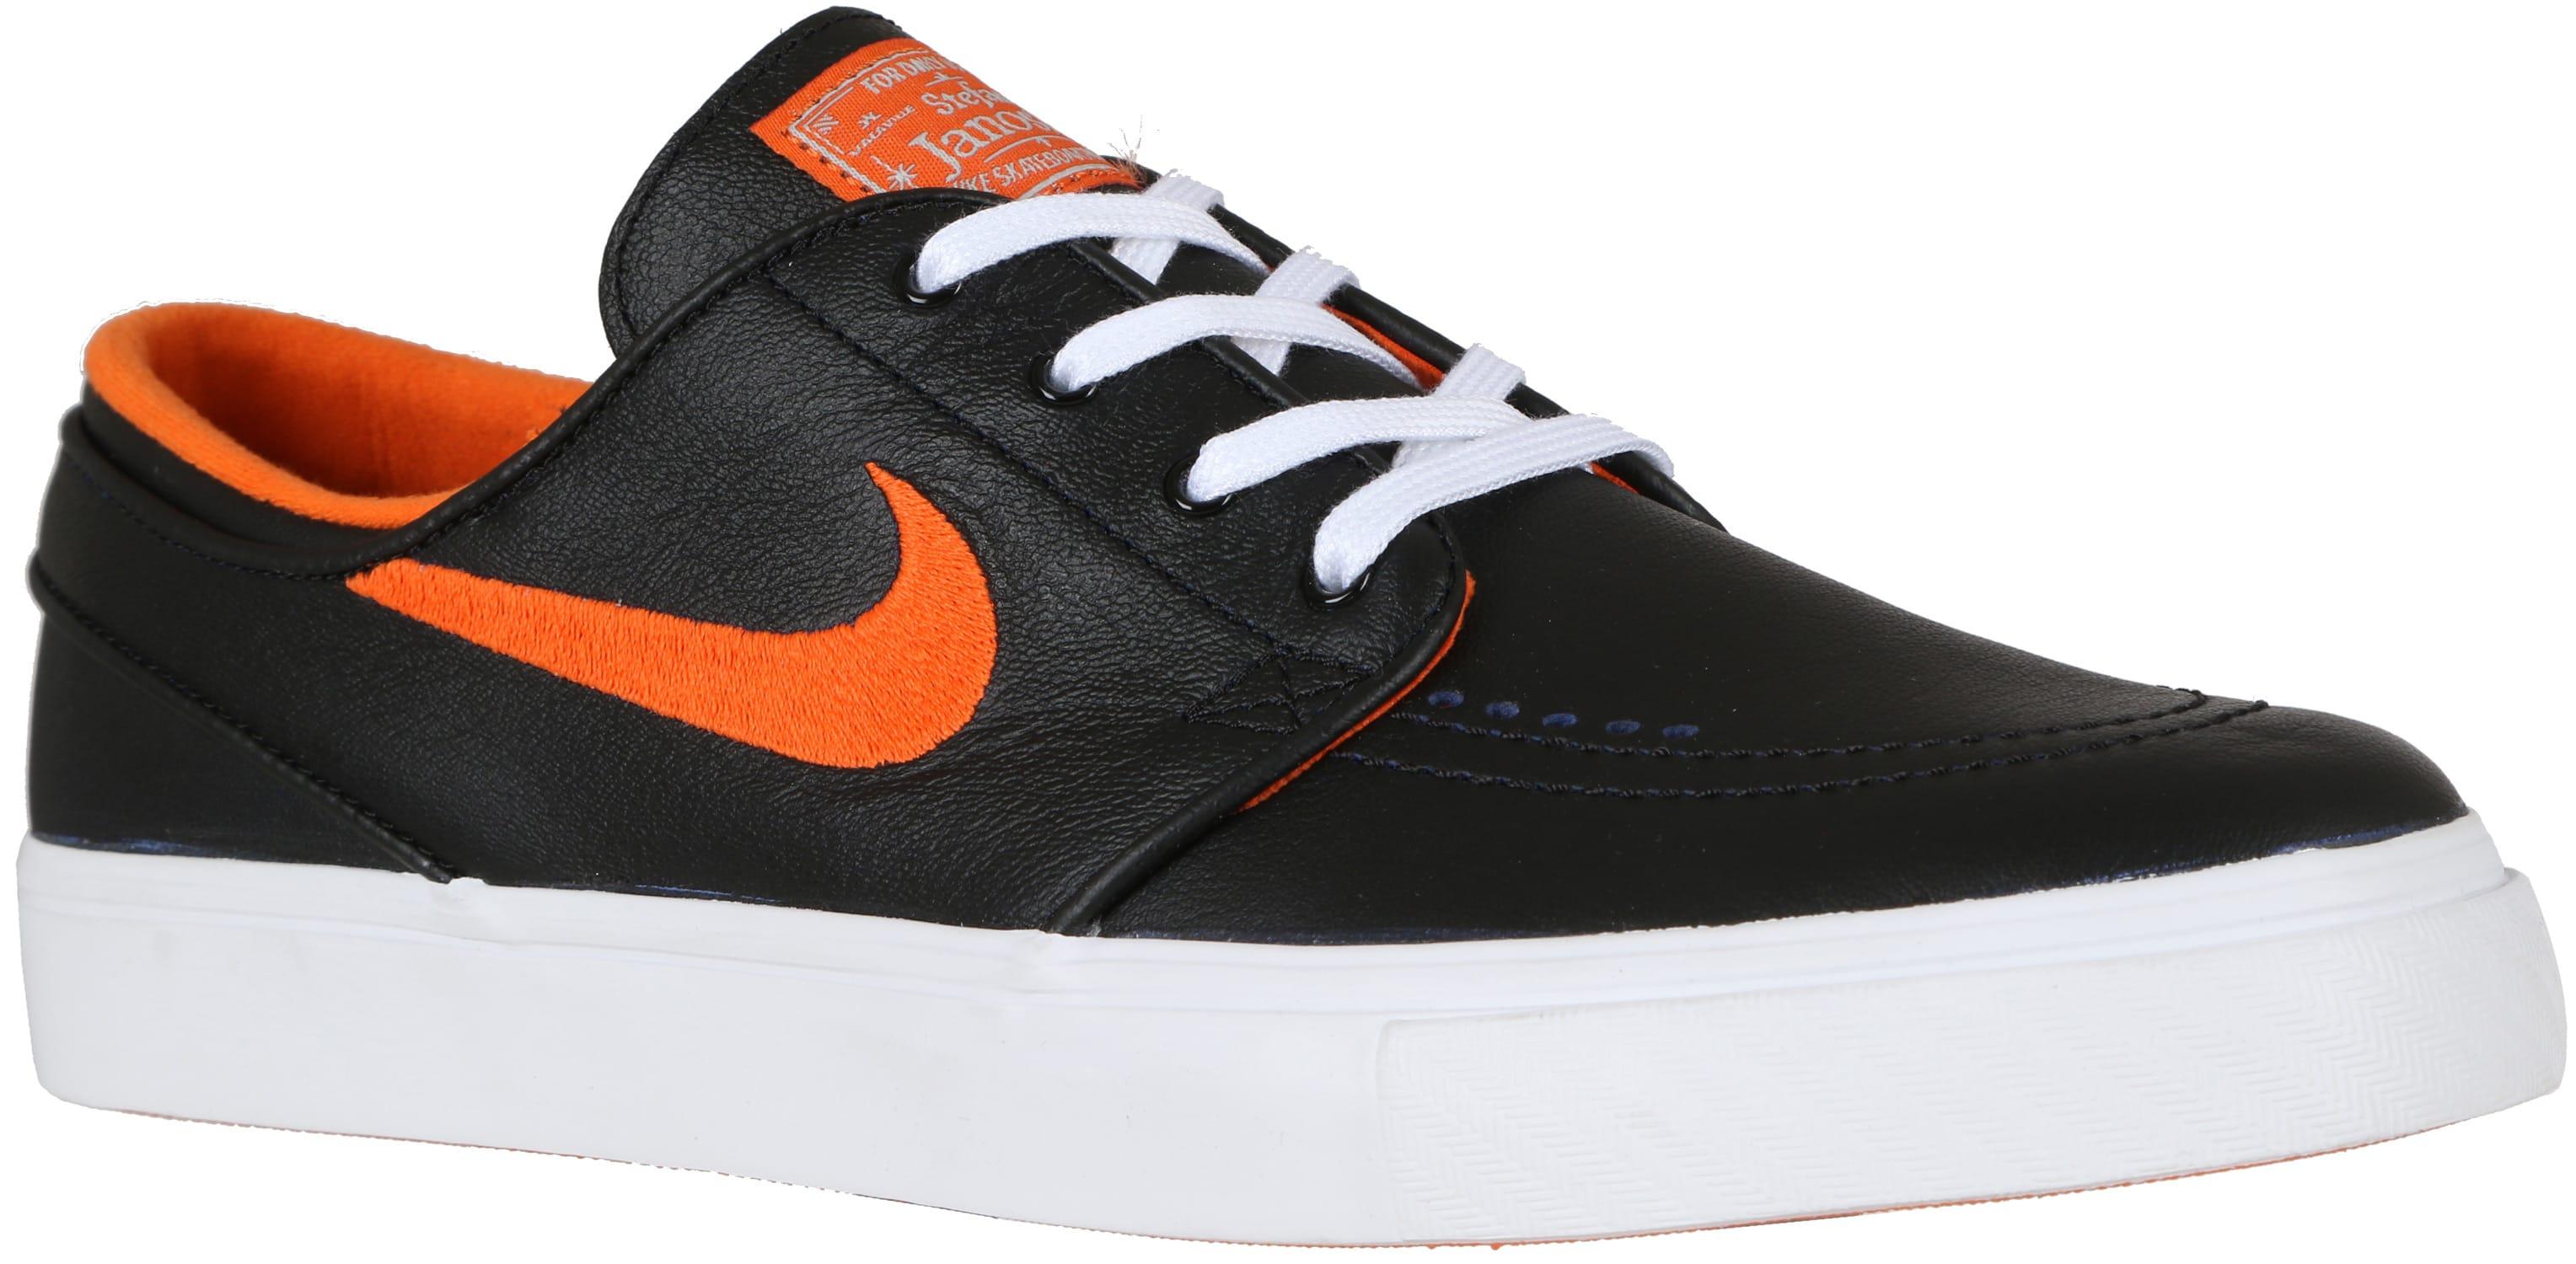 f5de58a297263 Nike SB Zoom Stefan Janoski NBA Skate Shoes - thumbnail 2